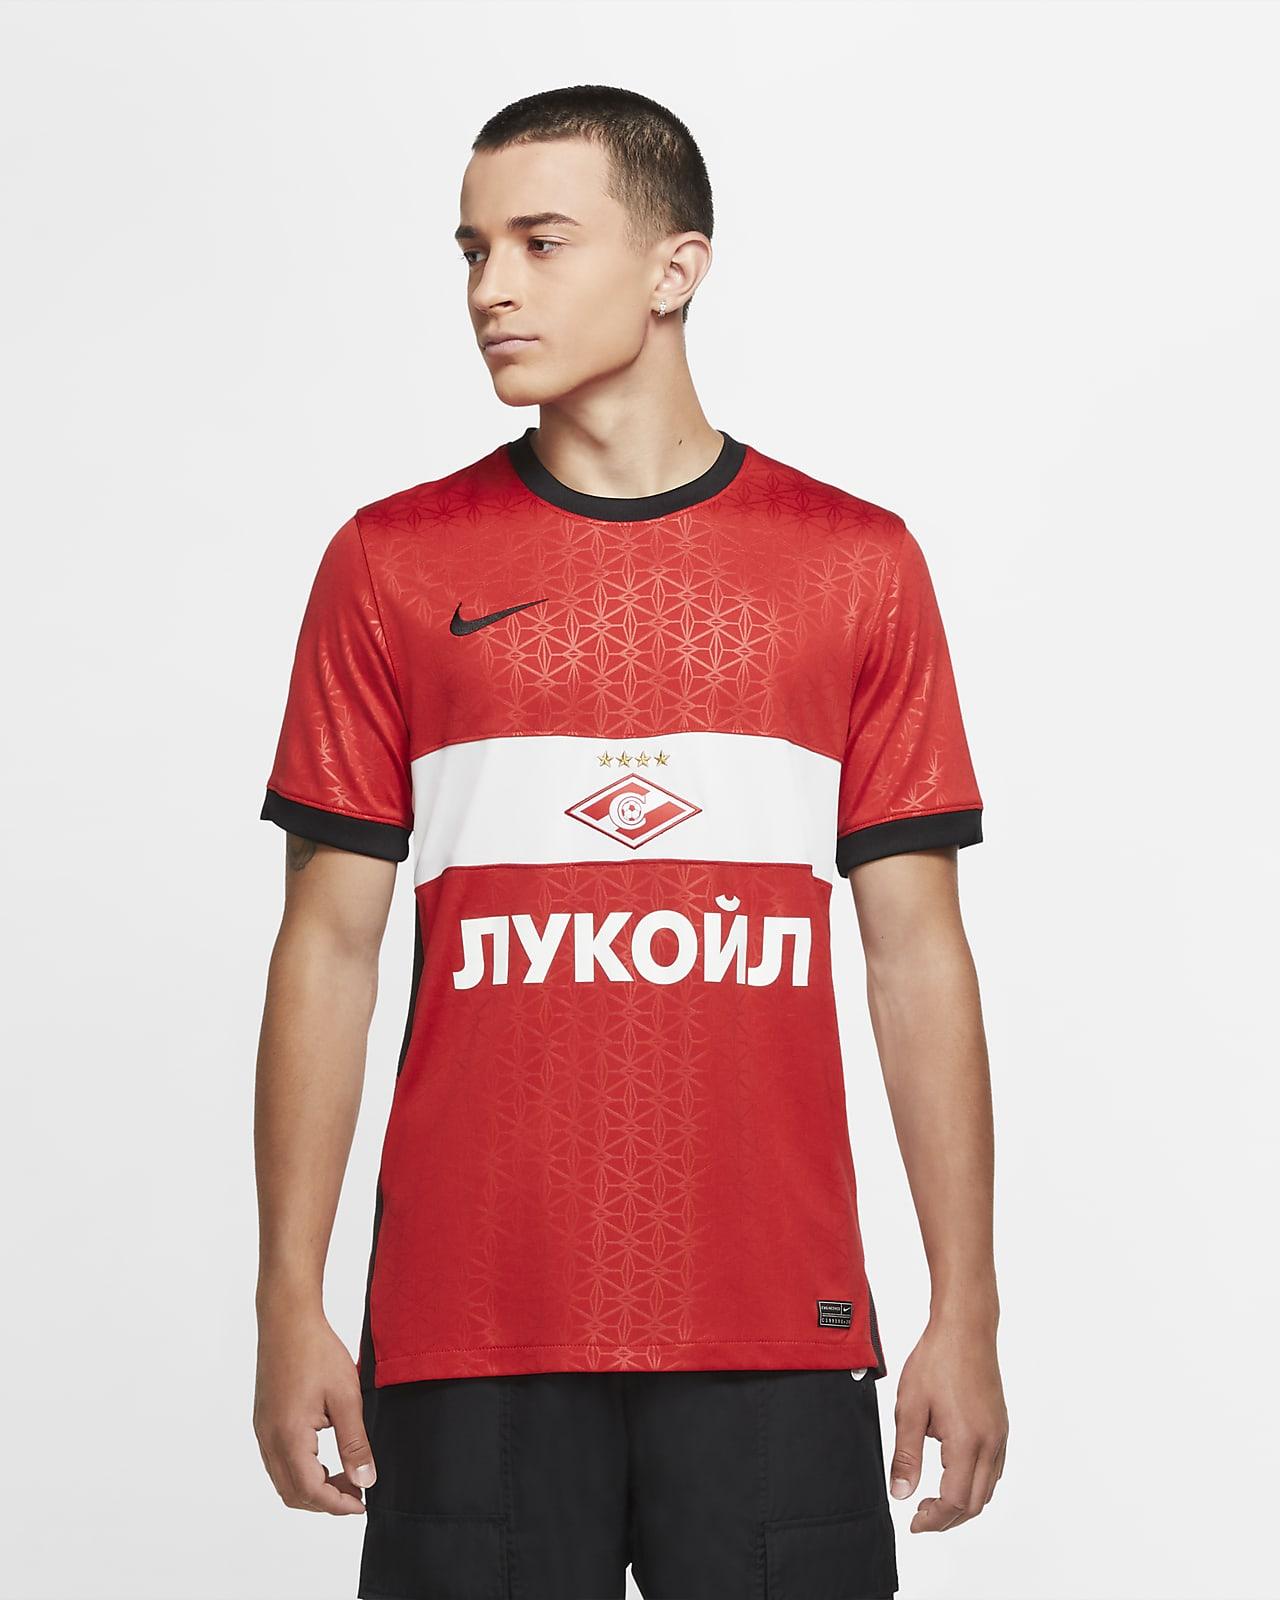 Ανδρική ποδοσφαιρική φανέλα Σπαρτάκ Μόσχας 2020/21 Stadium Home